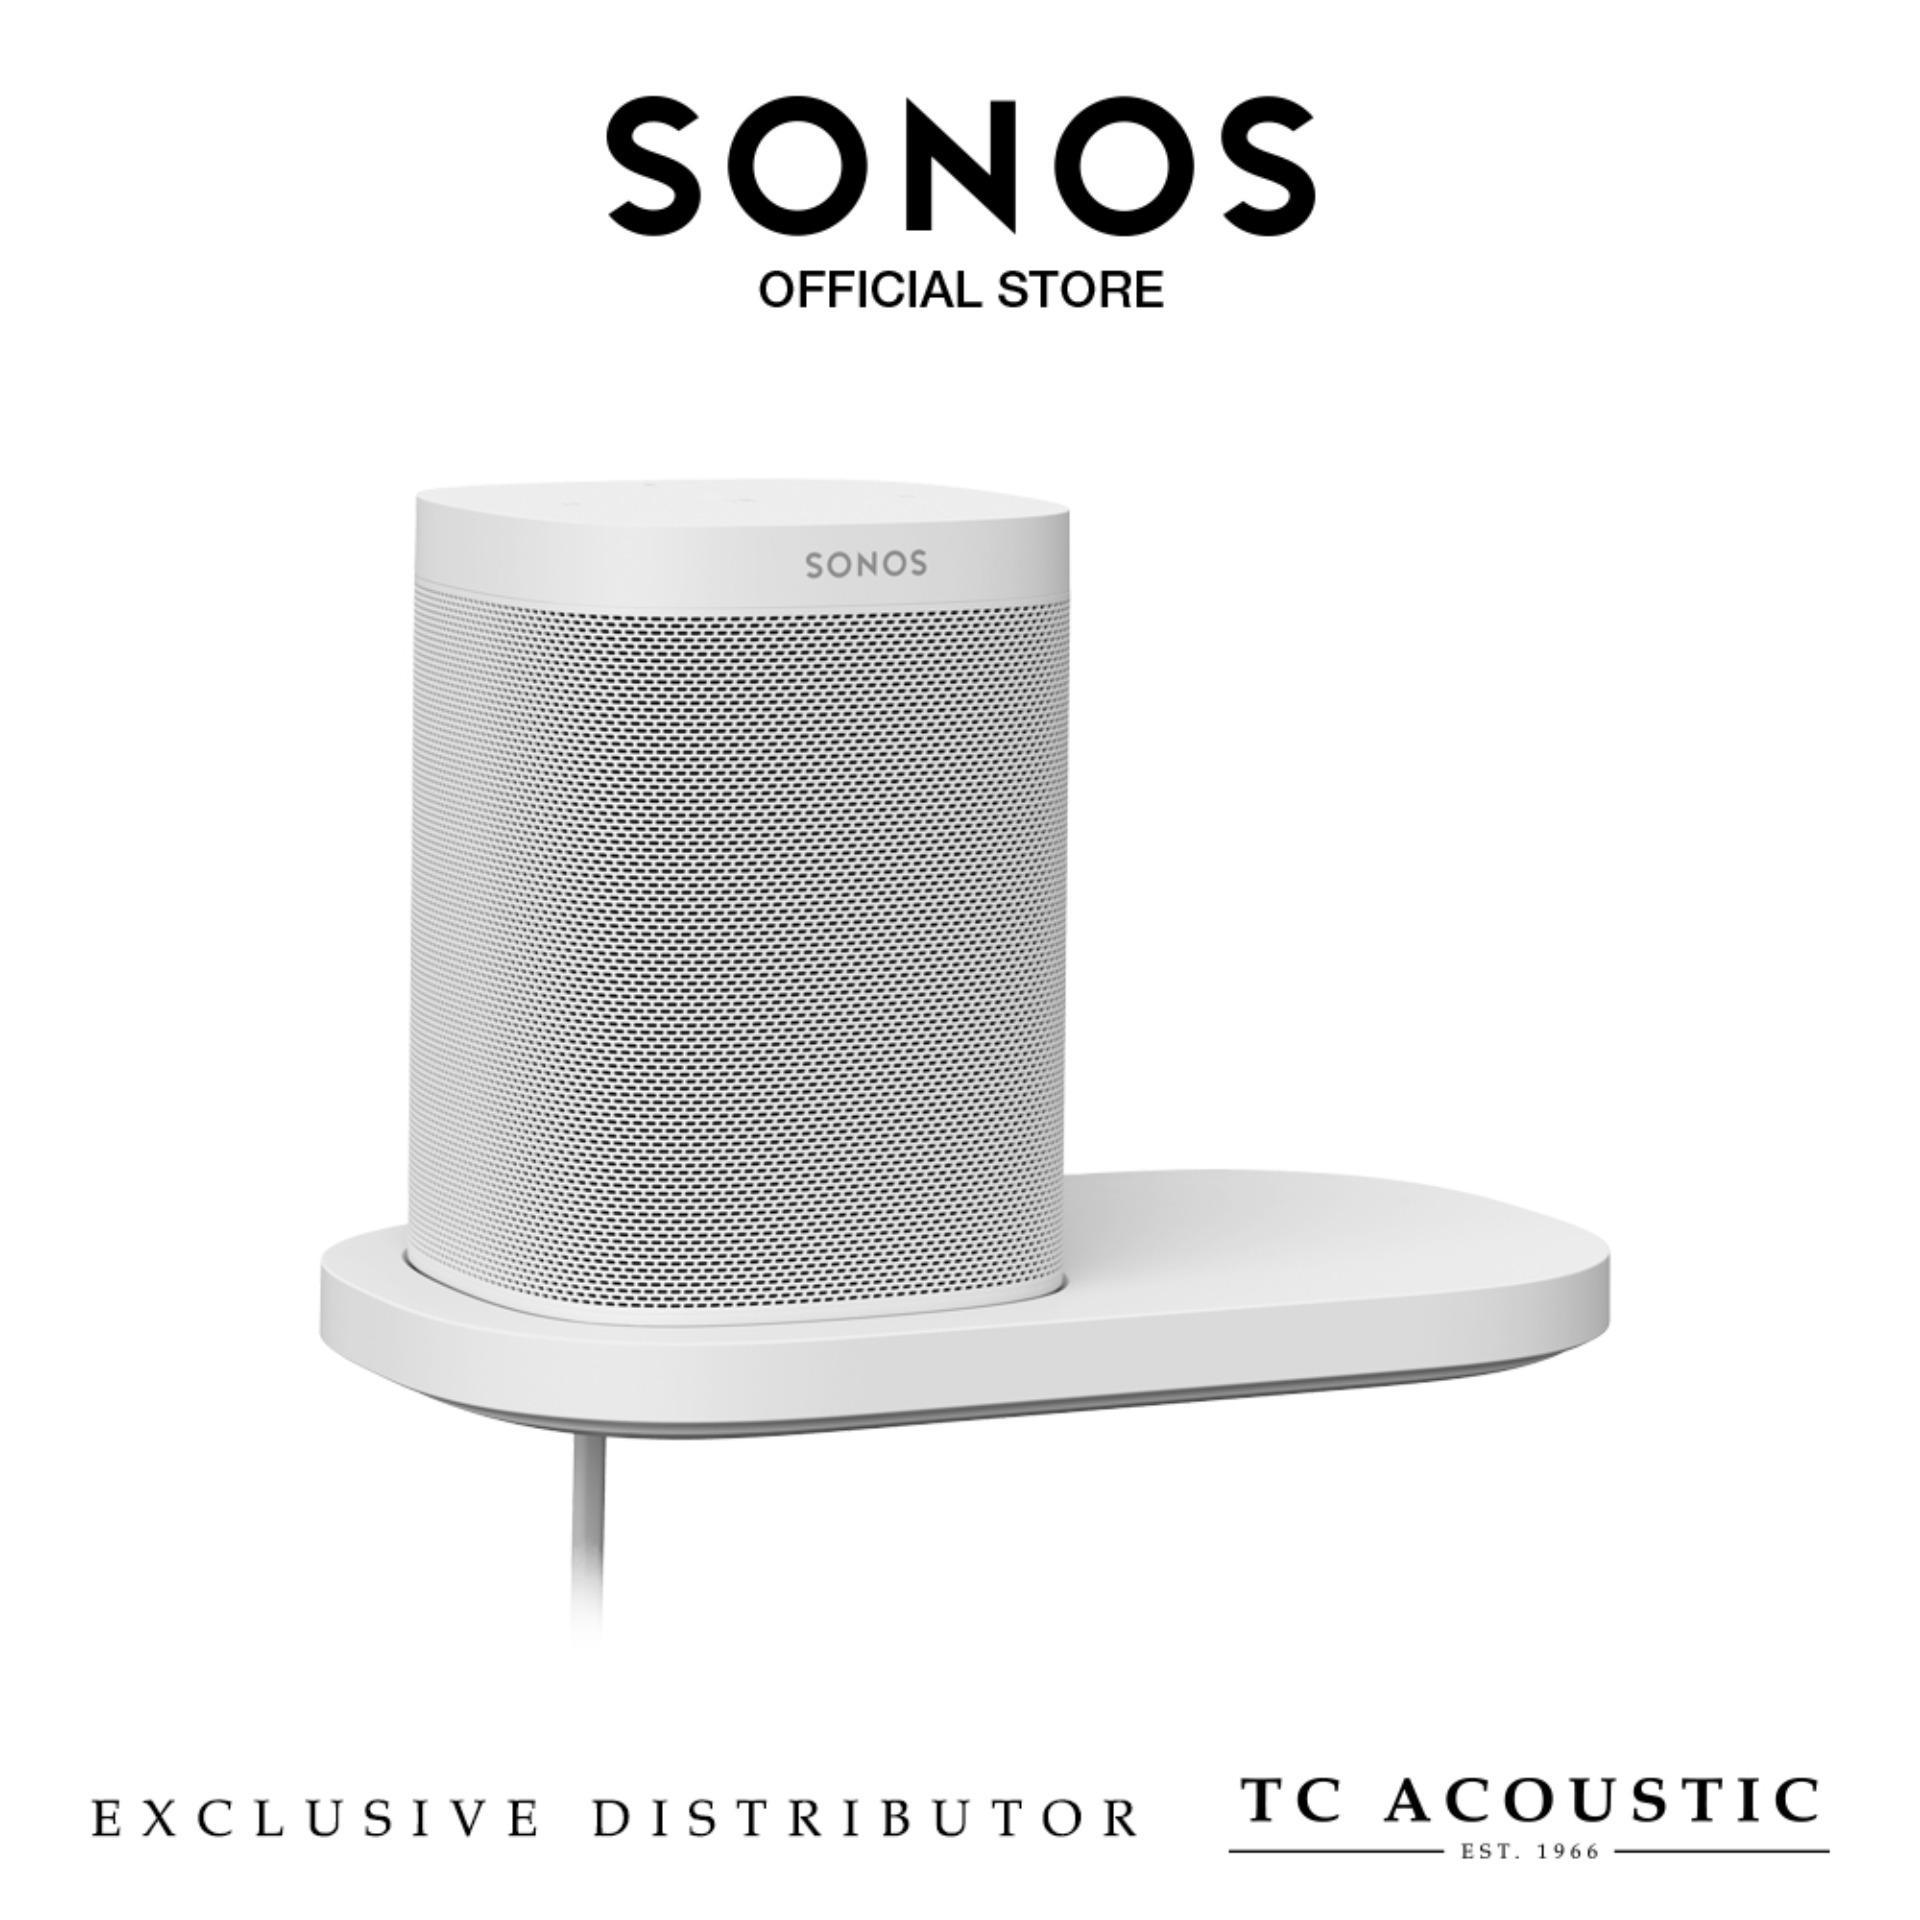 Sonos Shelf.